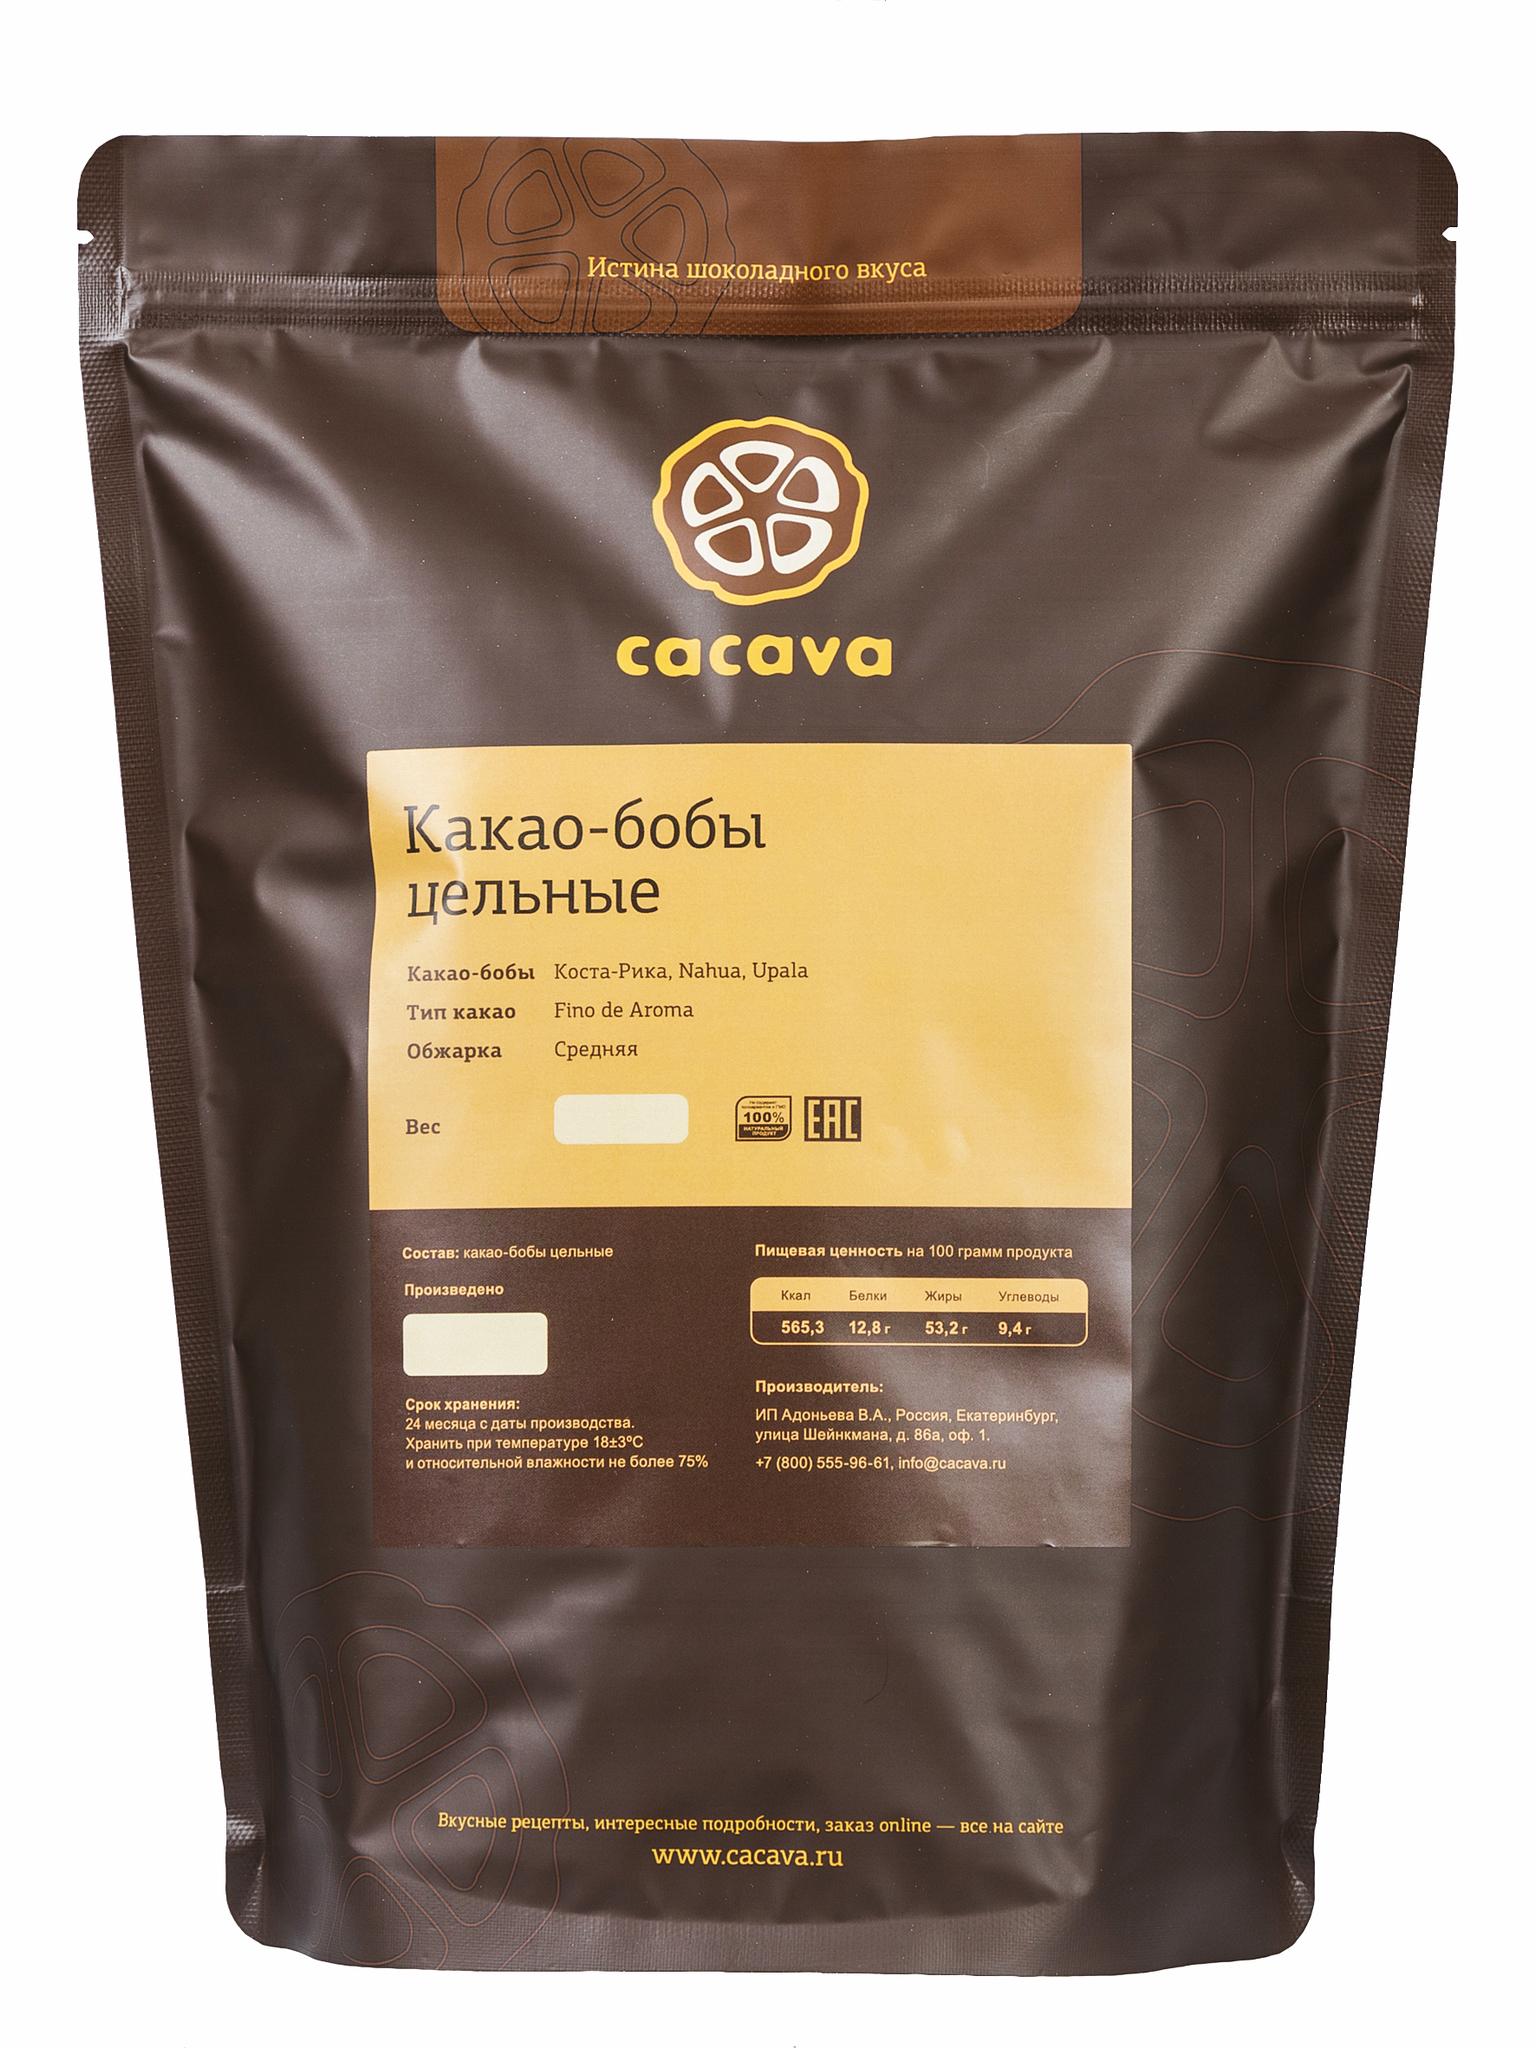 Какао-бобы цельные (Коста-Рика), упаковка 1 кг